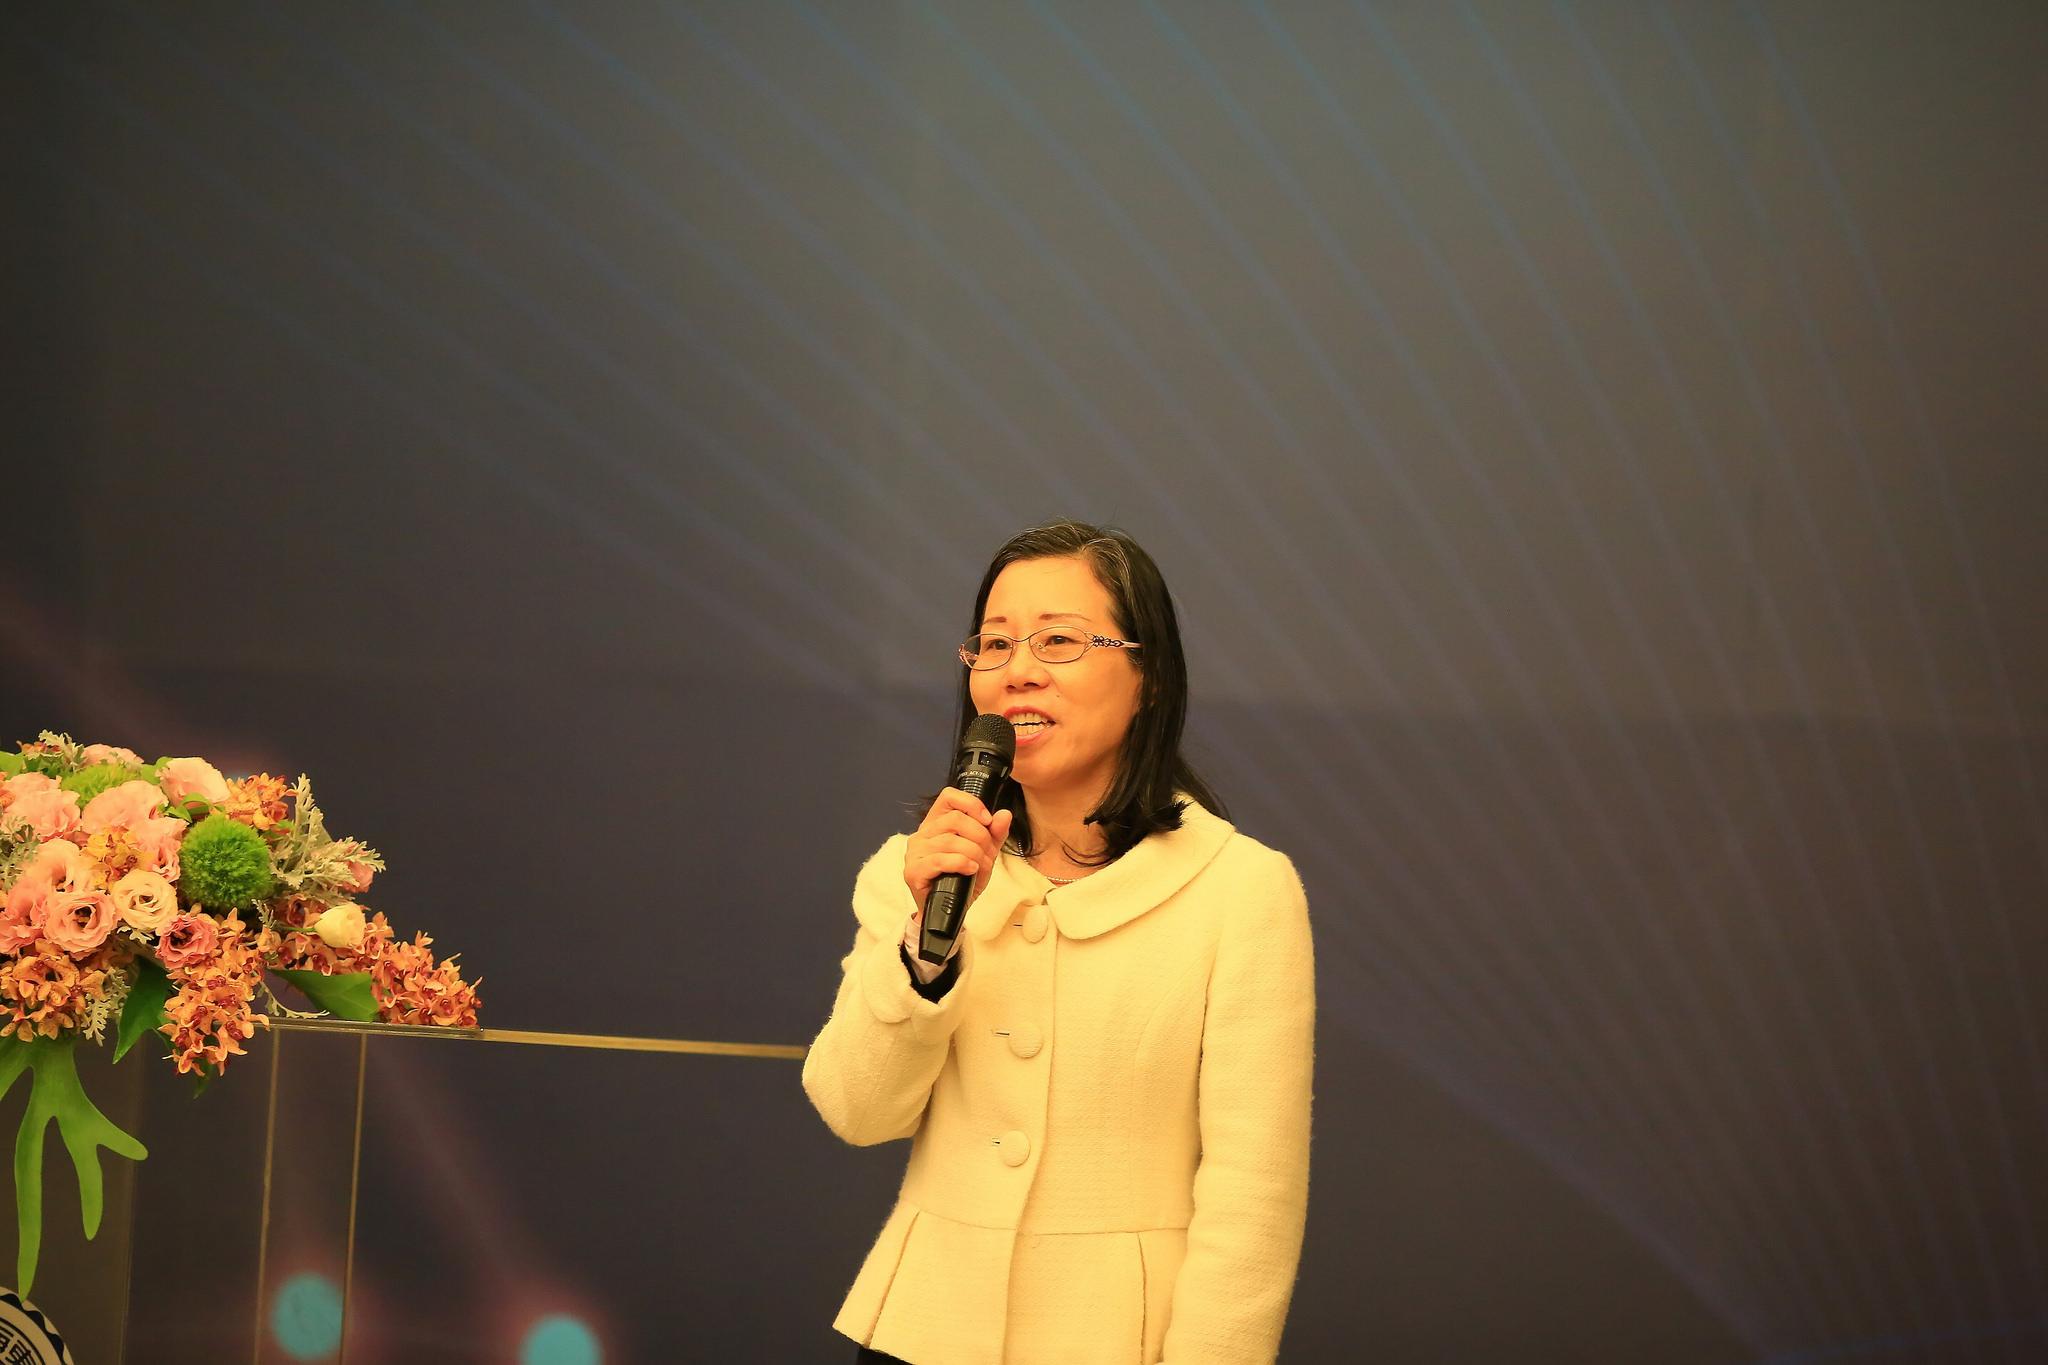 Pau-Choo Chung